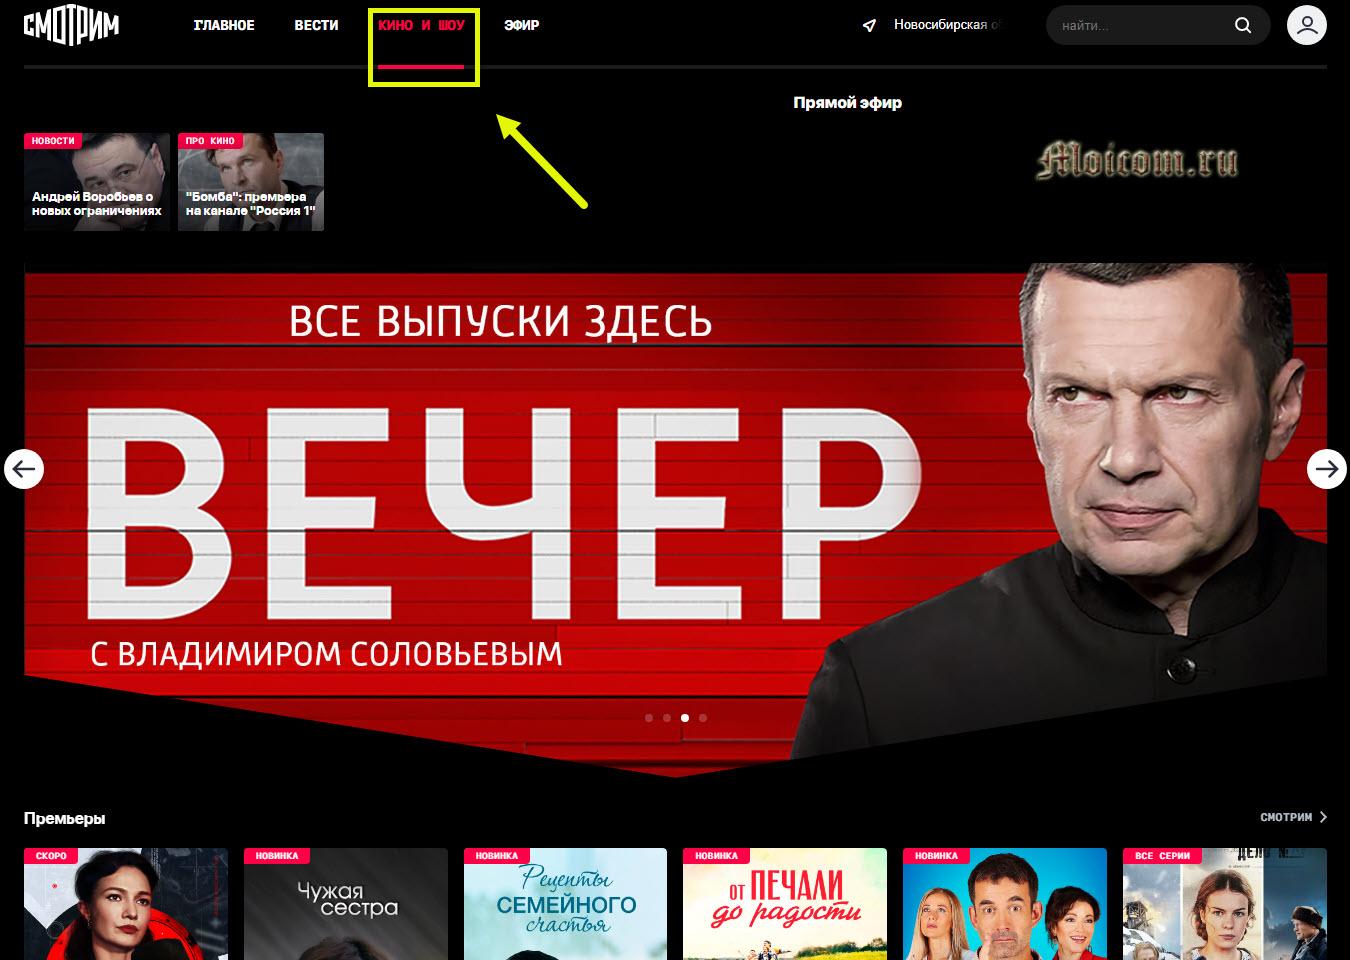 Сайт смотрим.рф - раздел кино и шоу